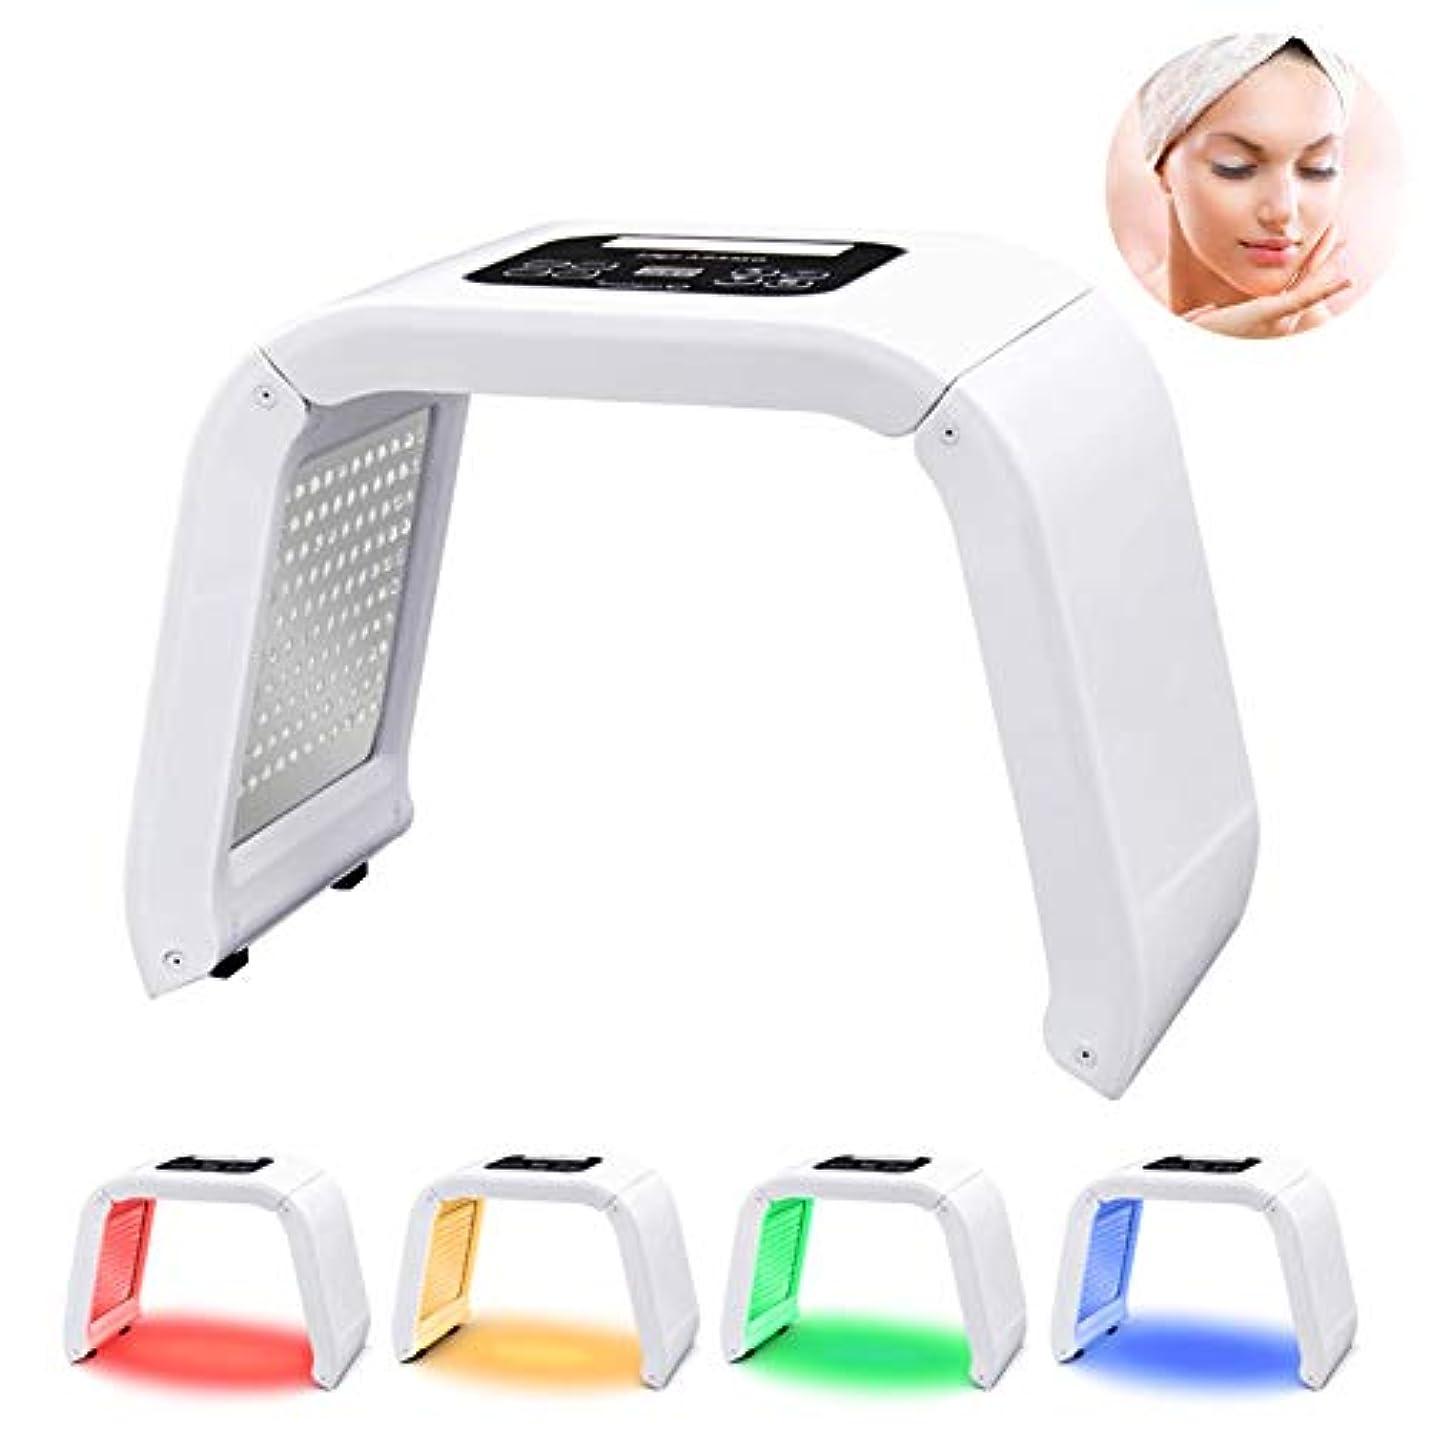 ワックス元の慈悲深いPDT 4-In-1 LEDライト光線療法電気スキンケア美容装置家庭用多機能体の美容スキンケア分光器のマシン女性のための完璧なギフト